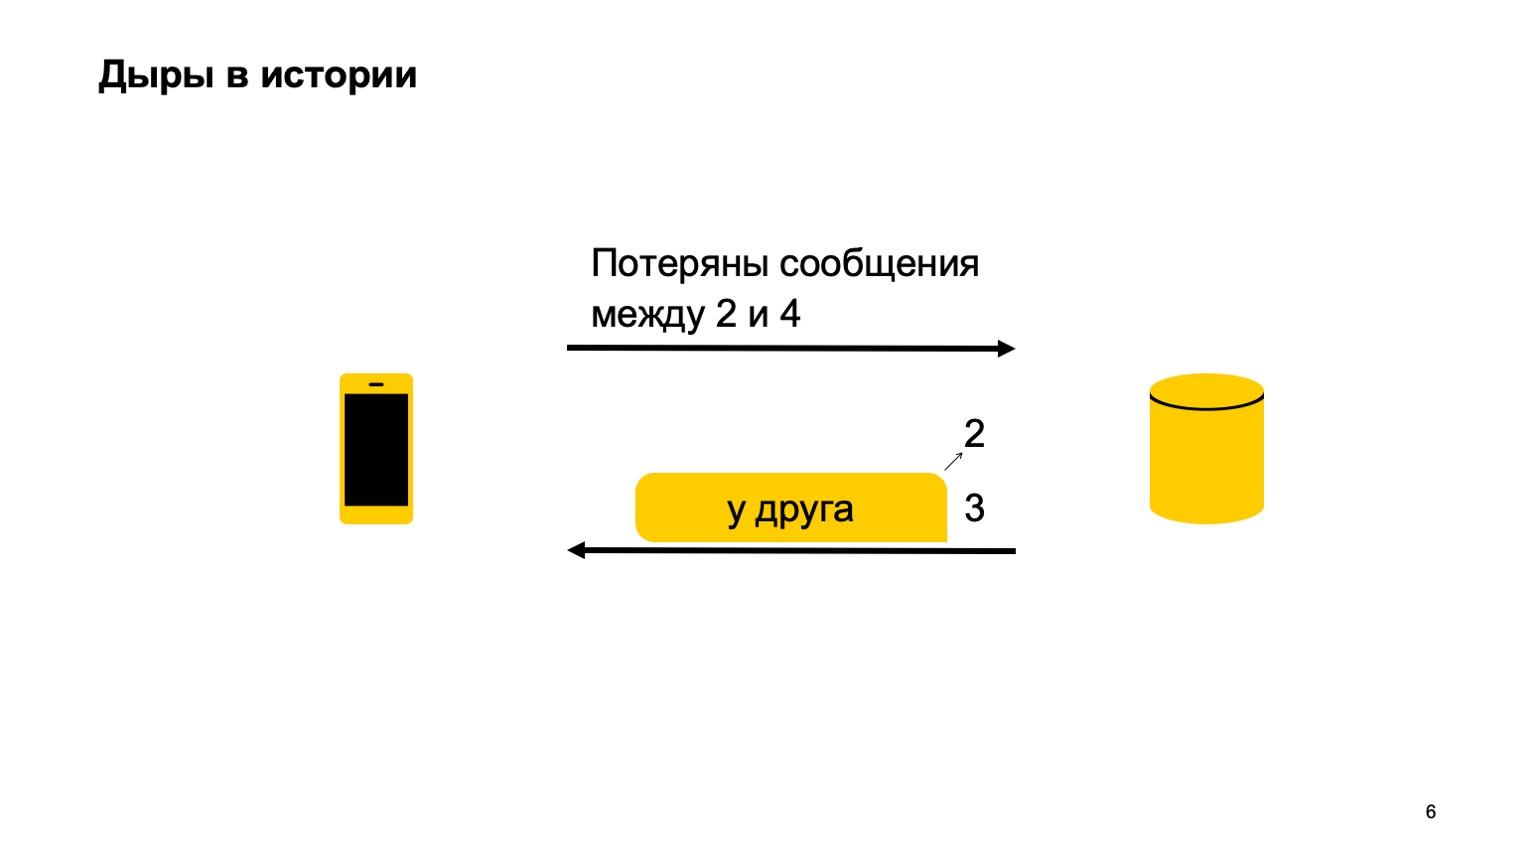 Мобильная разработка — это просто и скучно? Доклад Яндекса - 6